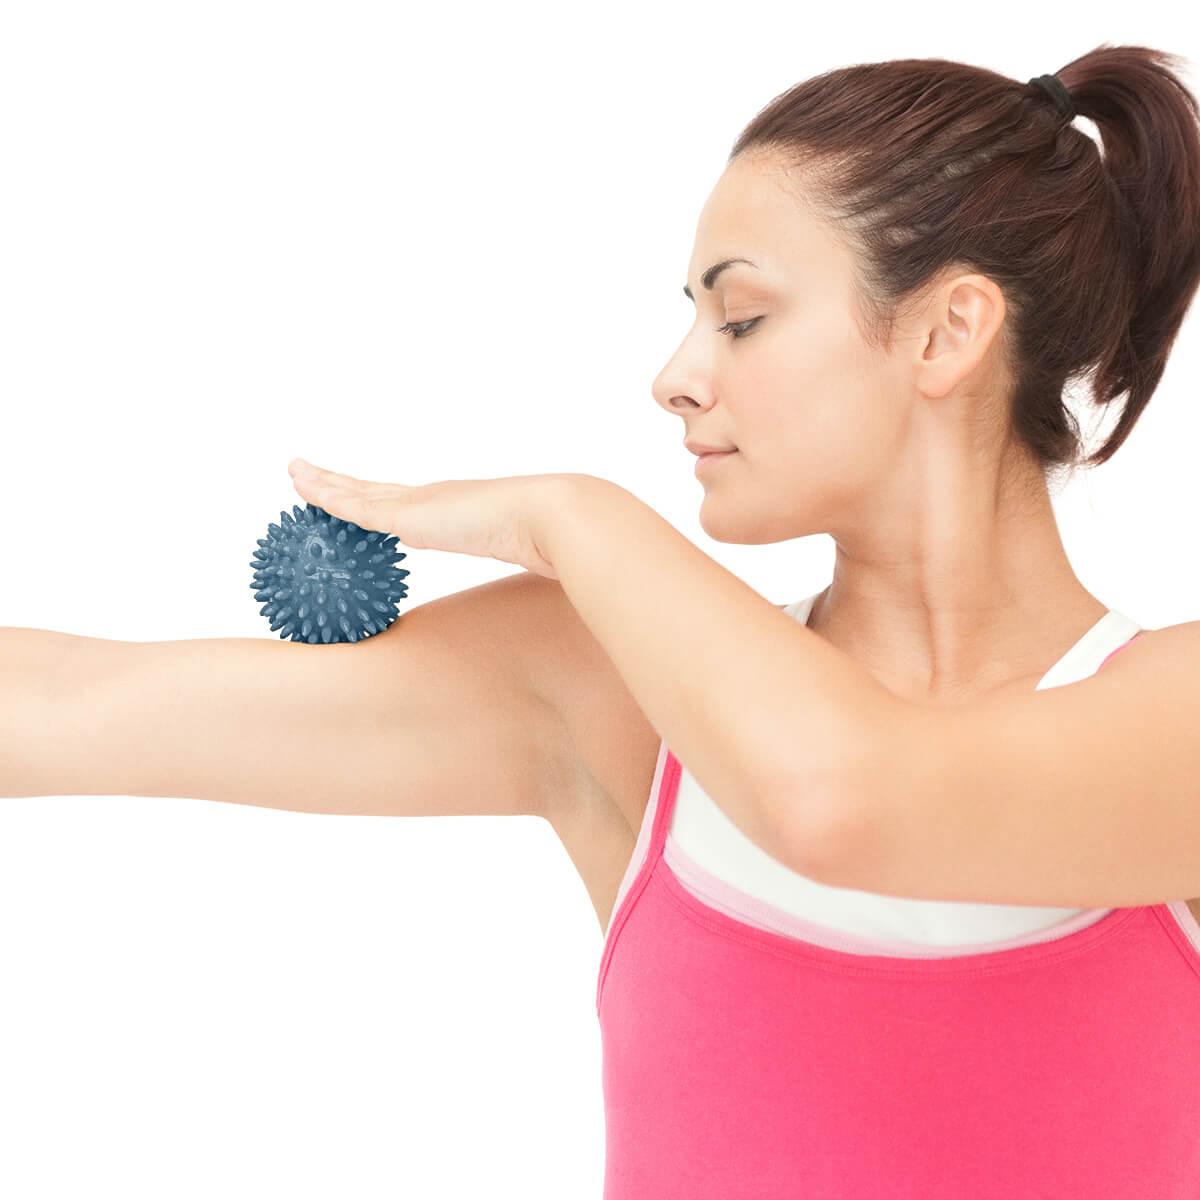 Oak and Reed Renew Massage Ball - V1